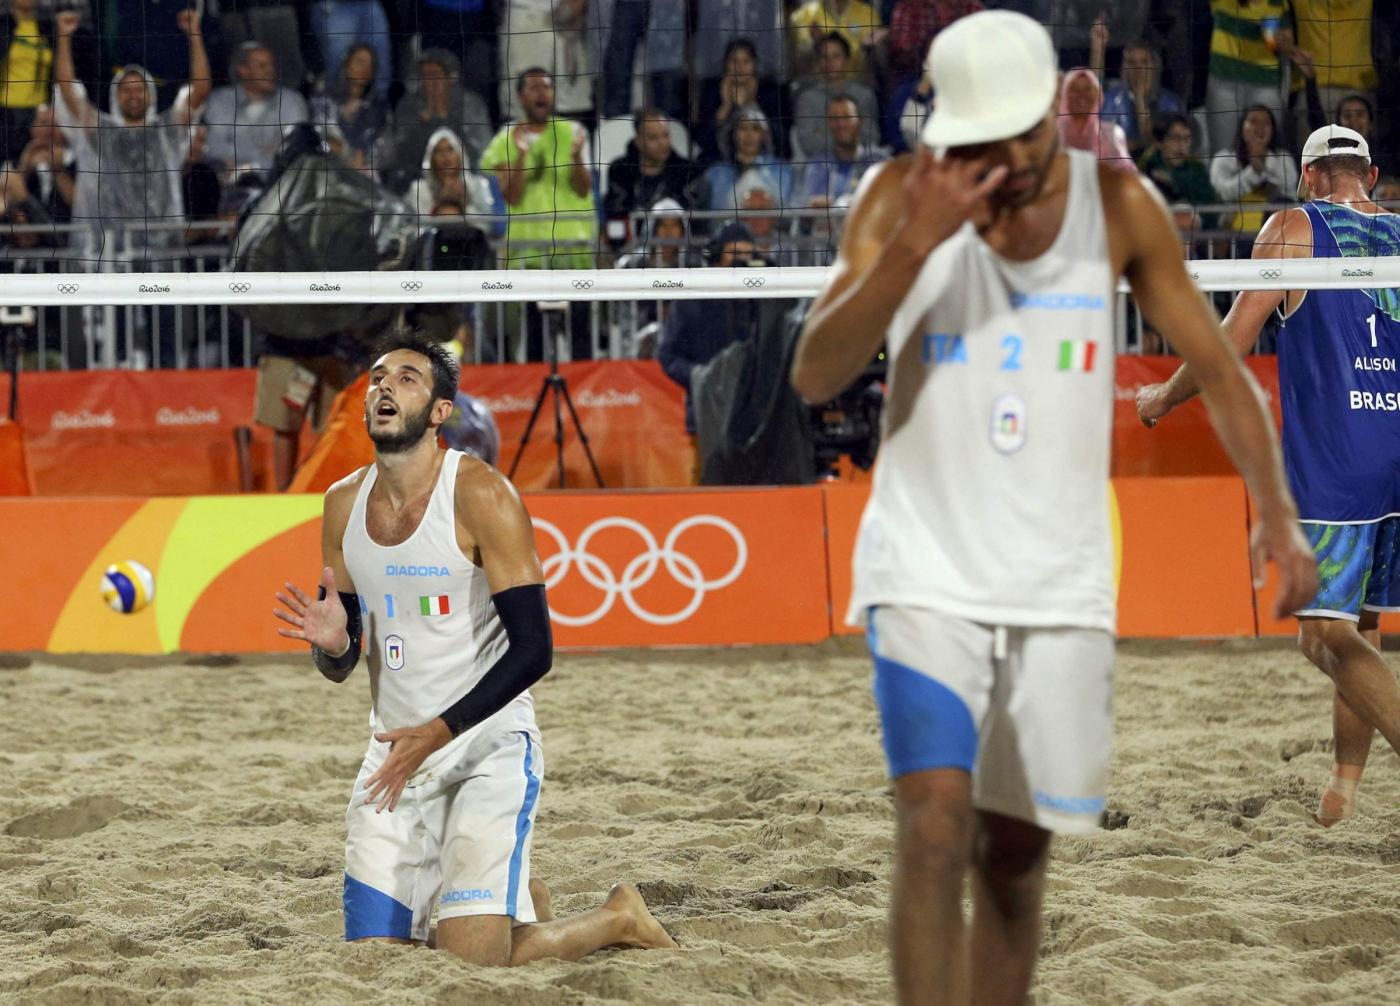 Olimpiadi 2016: argento per il beach volley con Lupo e Nicolai